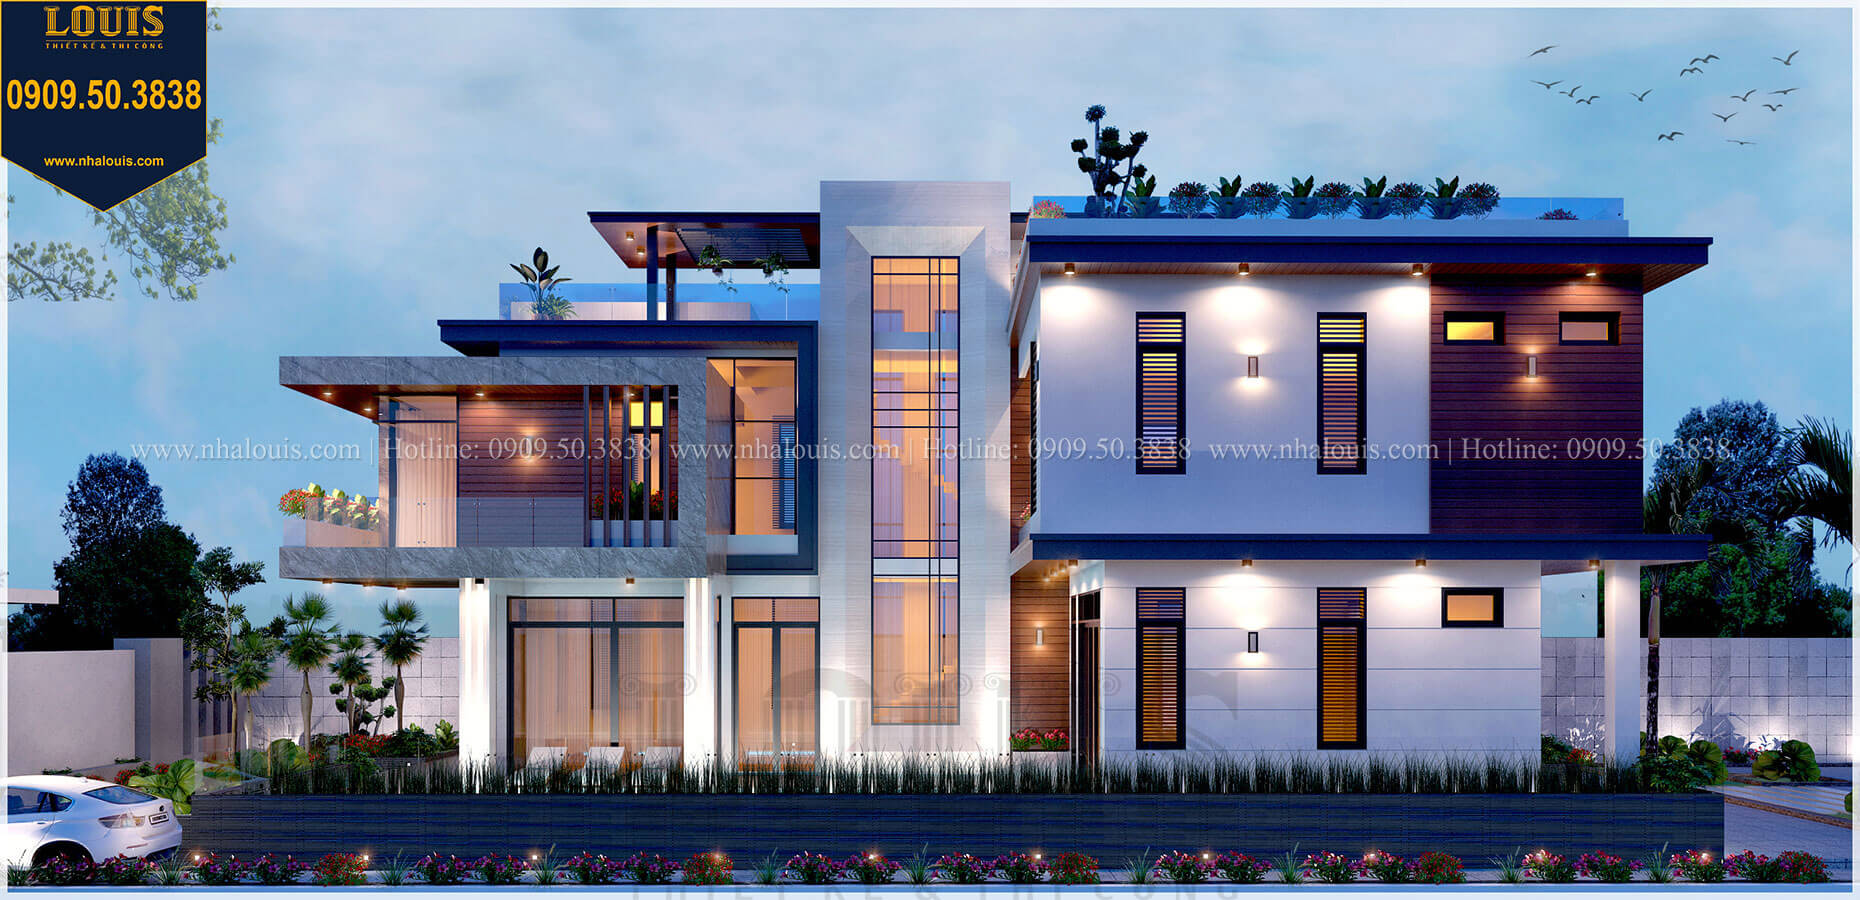 Mặt bằng 1 Biệt thự 2 tầng hiện đại mặt tiền 13.5m sang chảnh tại Kiên Giang - 11